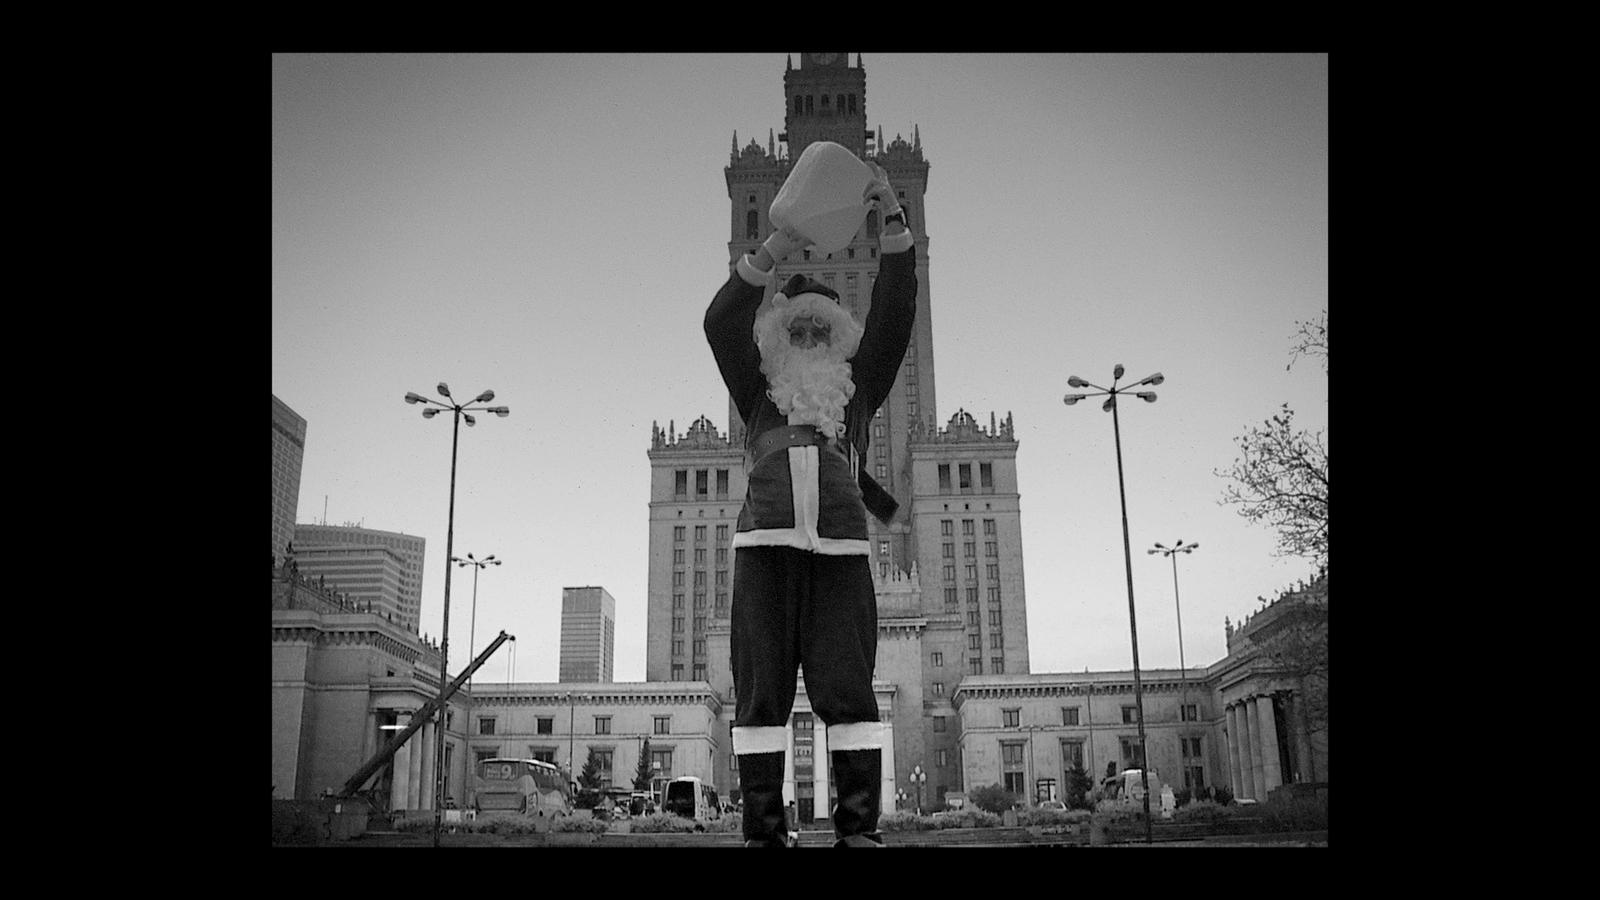 Proceente/Metro - Takie czasy (STREET VIDEO)